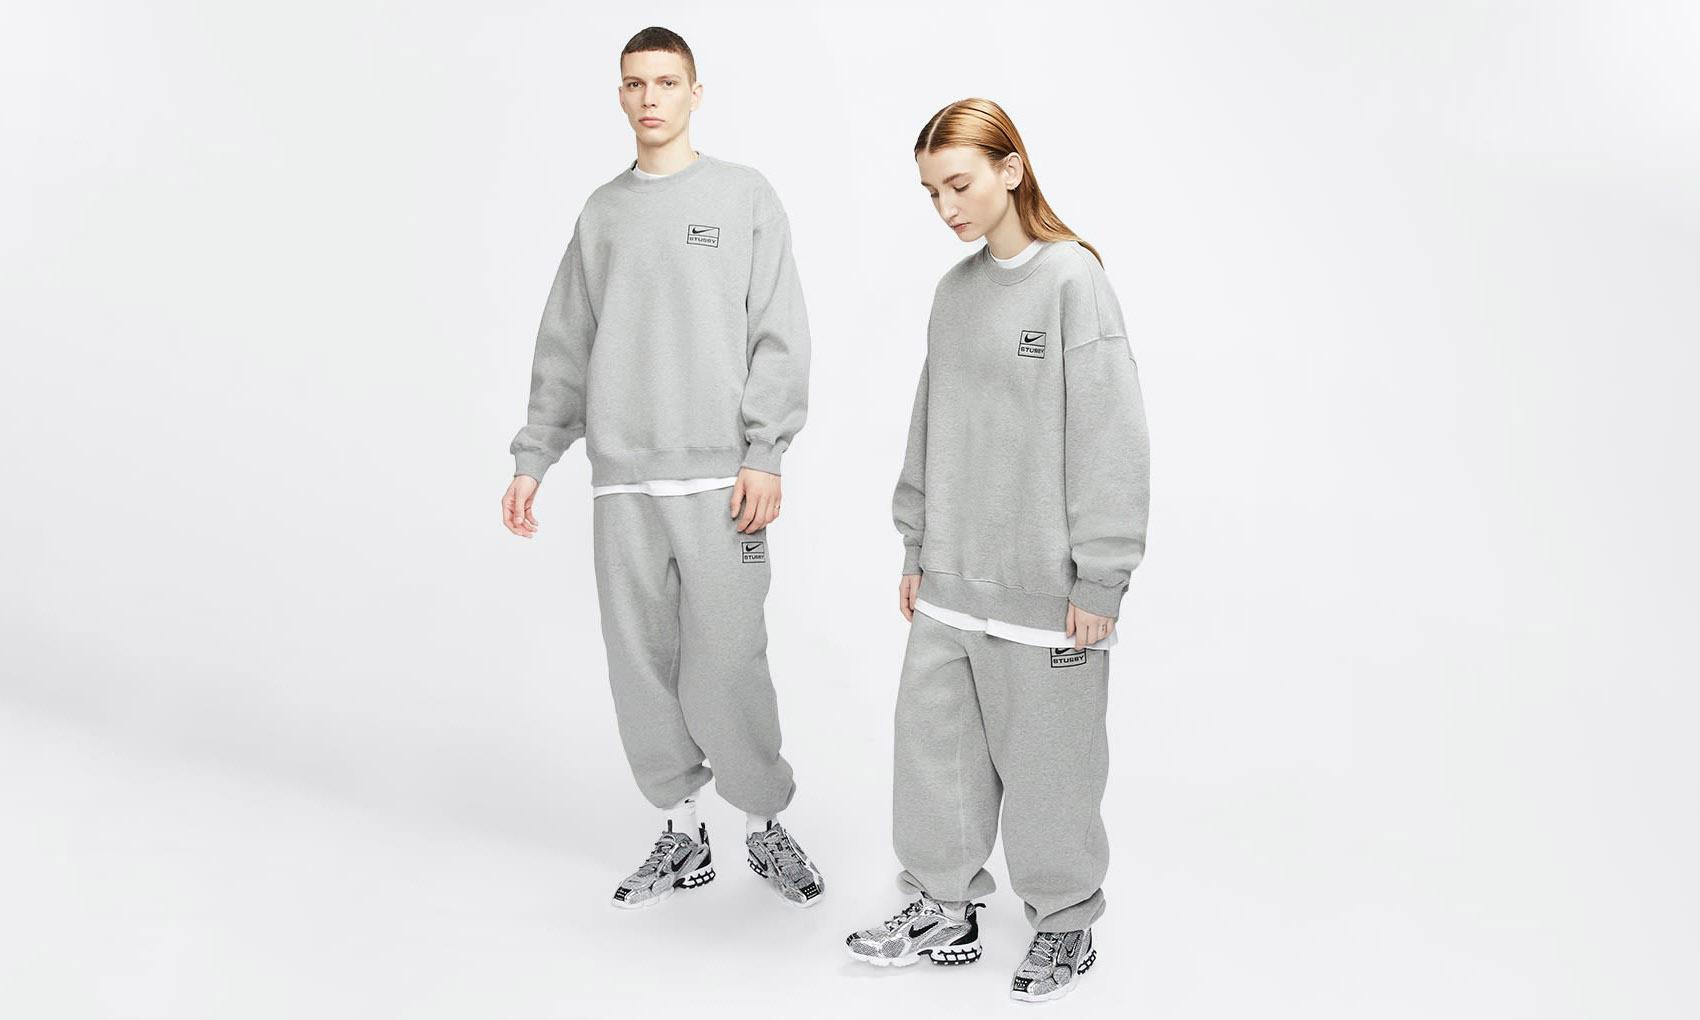 Stüssy x Nike 的精髓,不在鞋子上?